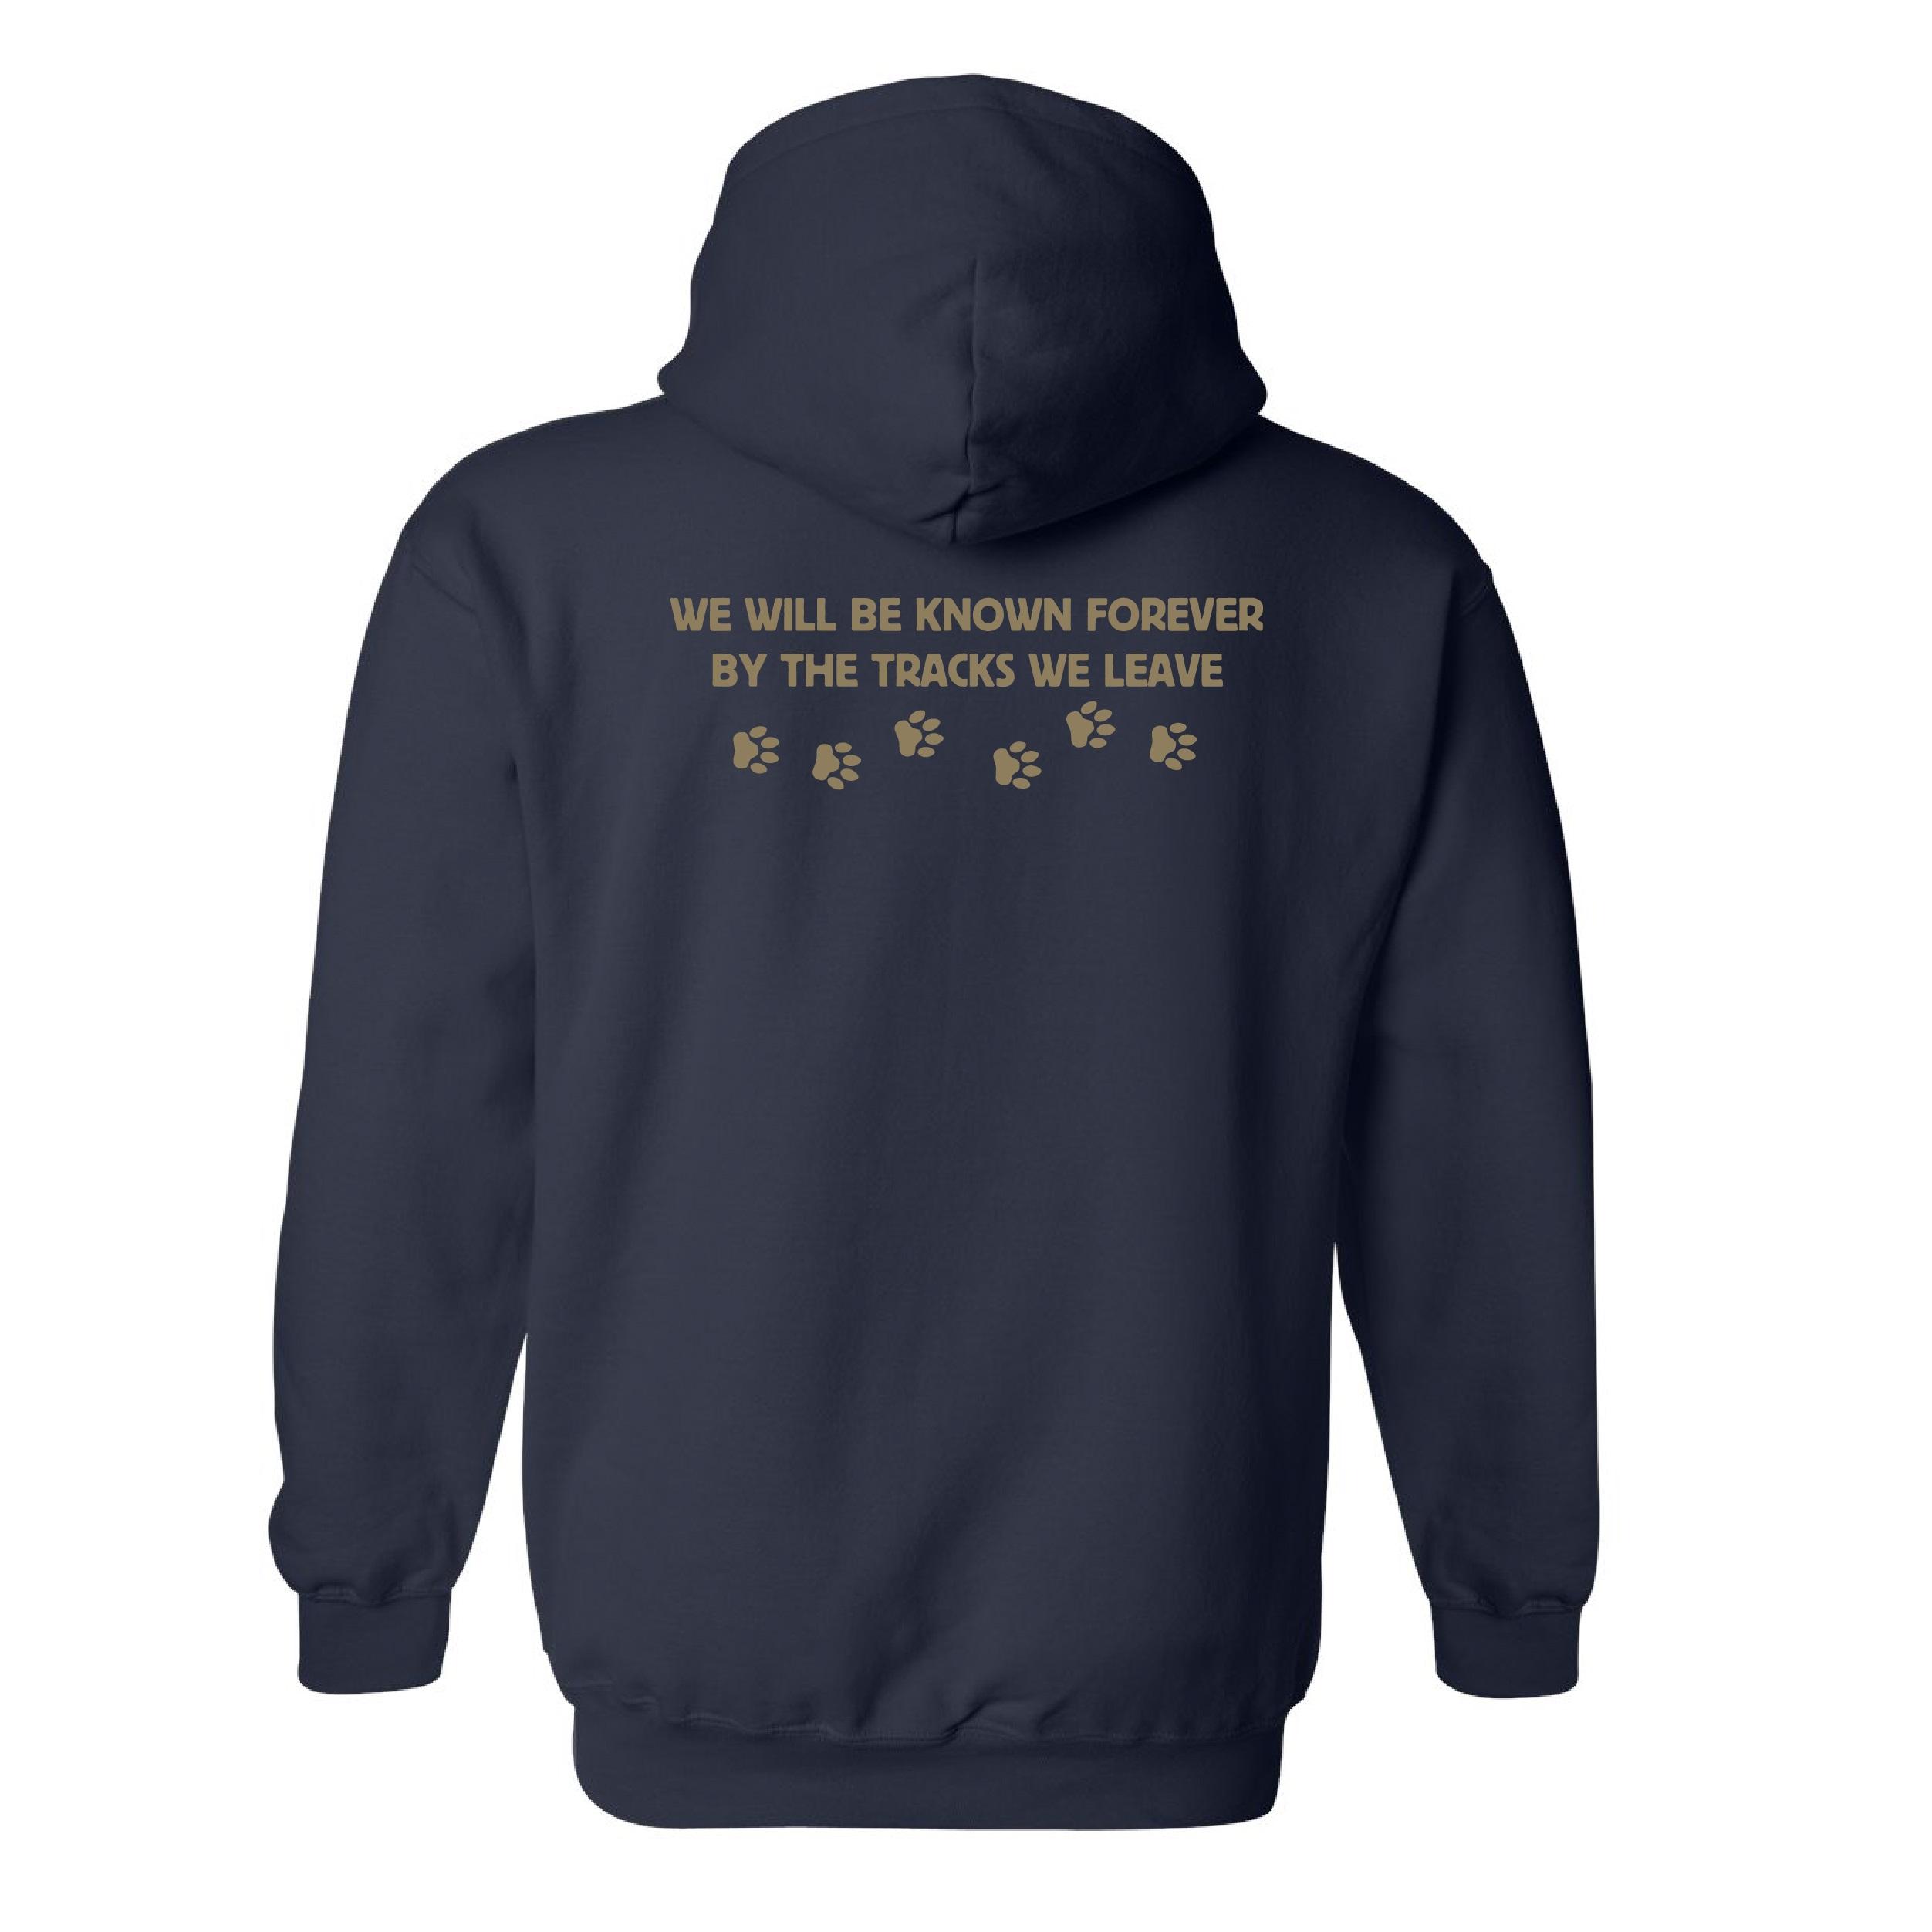 Gildan HeavyBlend Hooded Sweatshirt